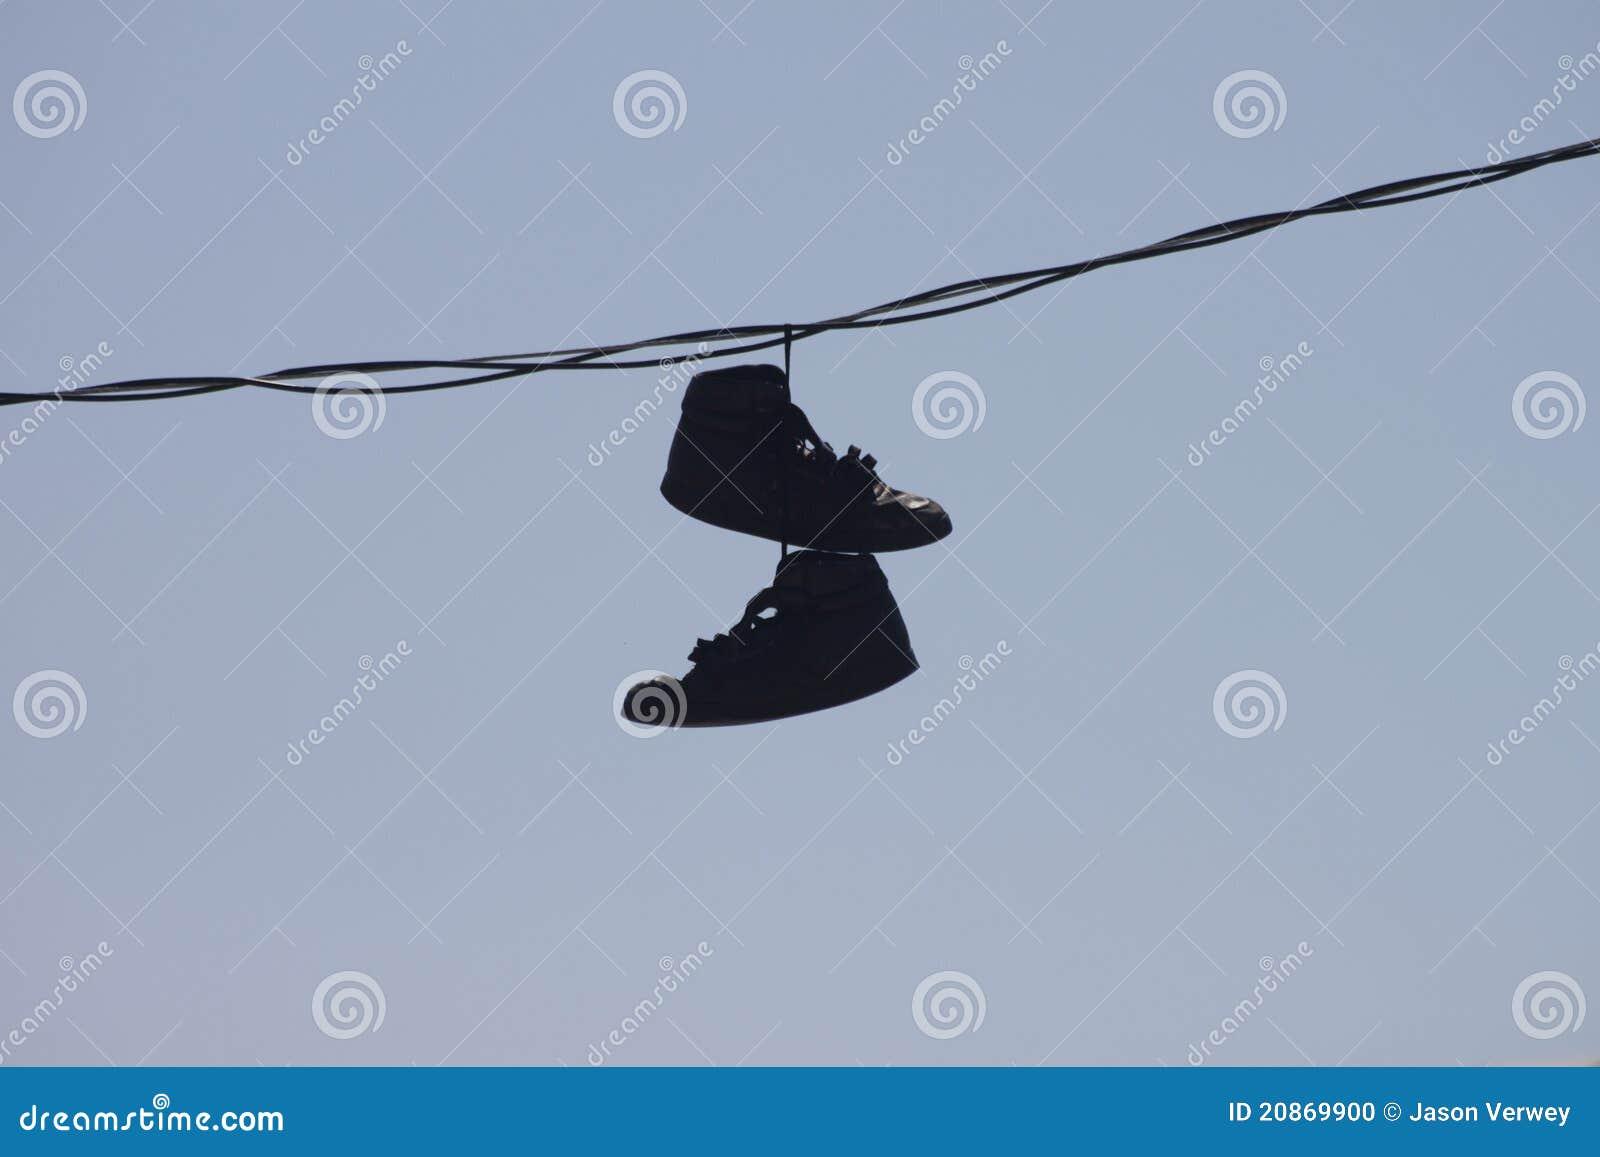 Chaussures Bleu Fil Photo Sur Le S'arrêtant Vieux Stock Image Du qw8rTwtx